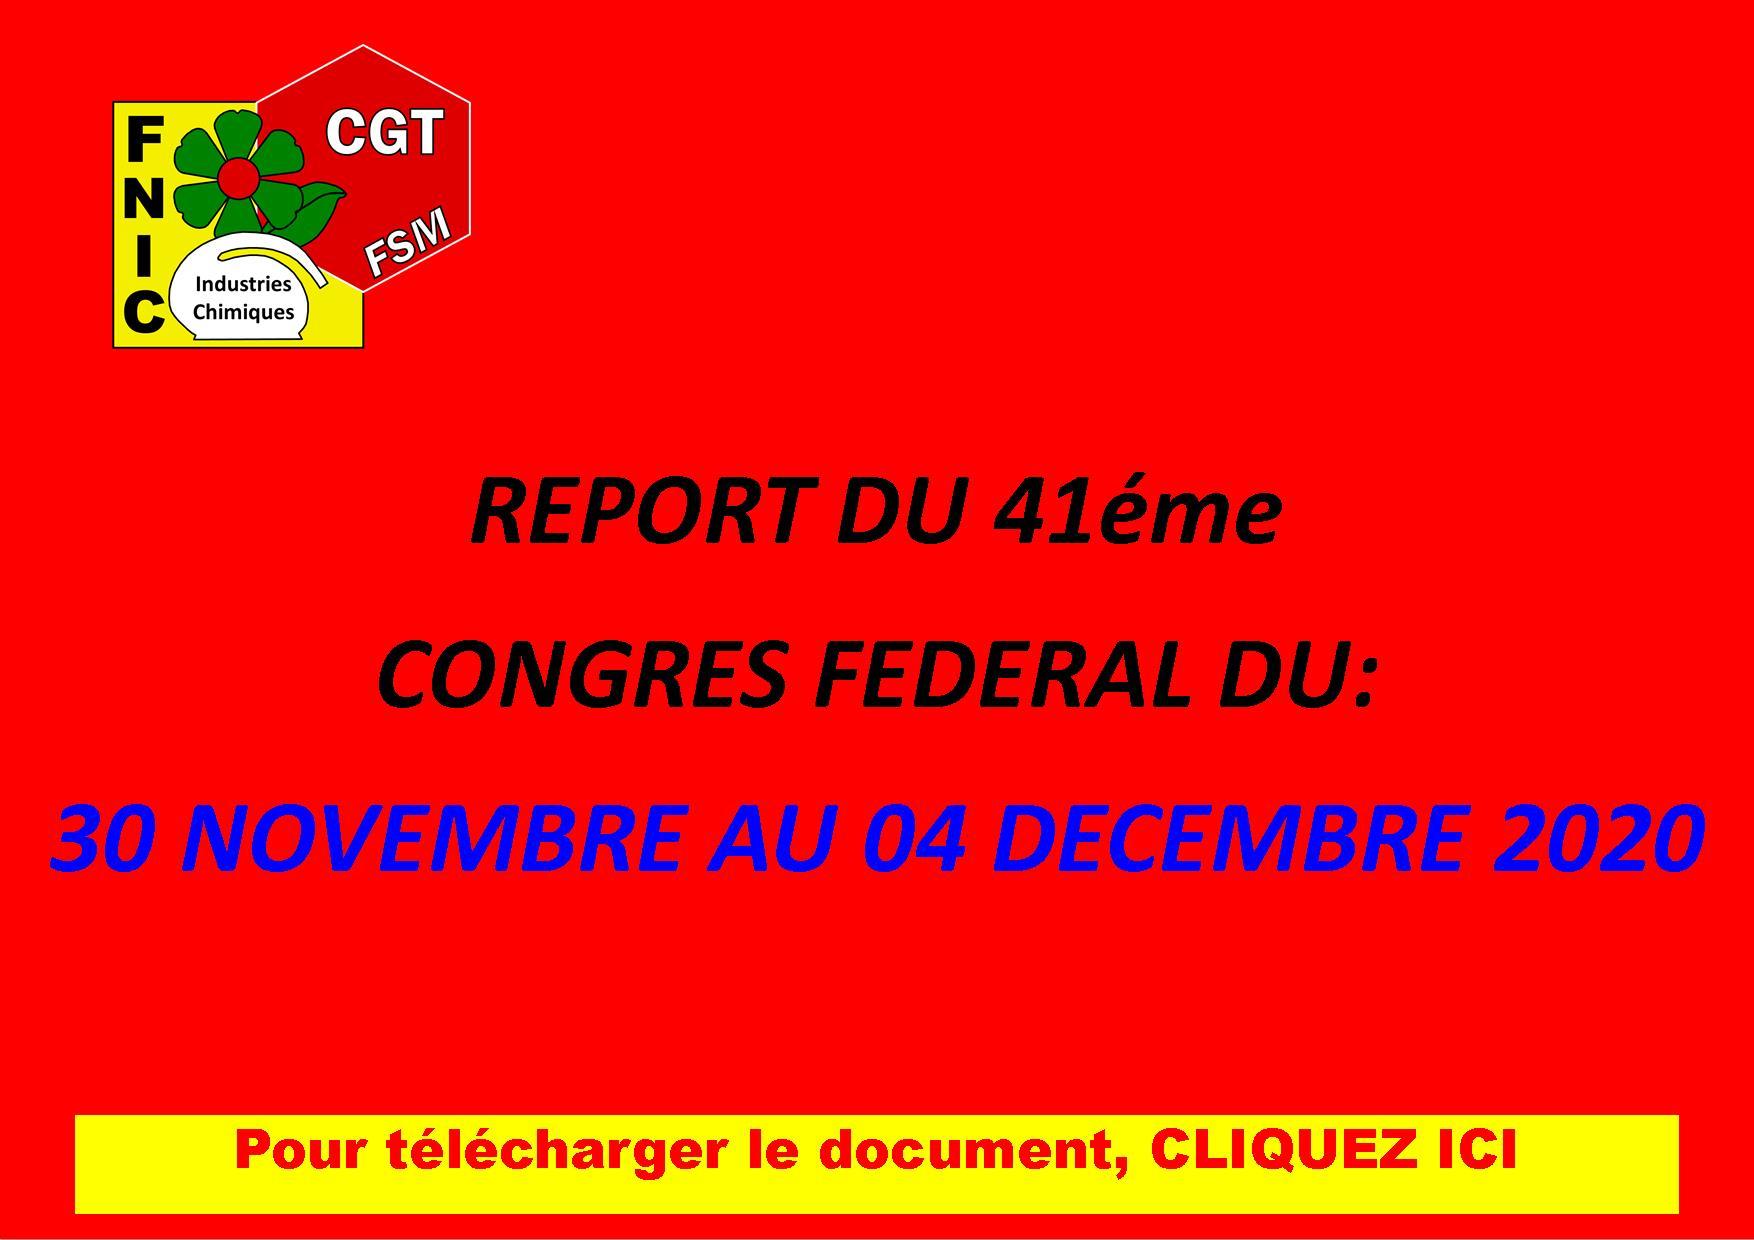 REPORT DU 41éme CONGRES FÉDÉRAL DU: 30 NOVEMBRE AU 04 DÉCEMBRE 2020